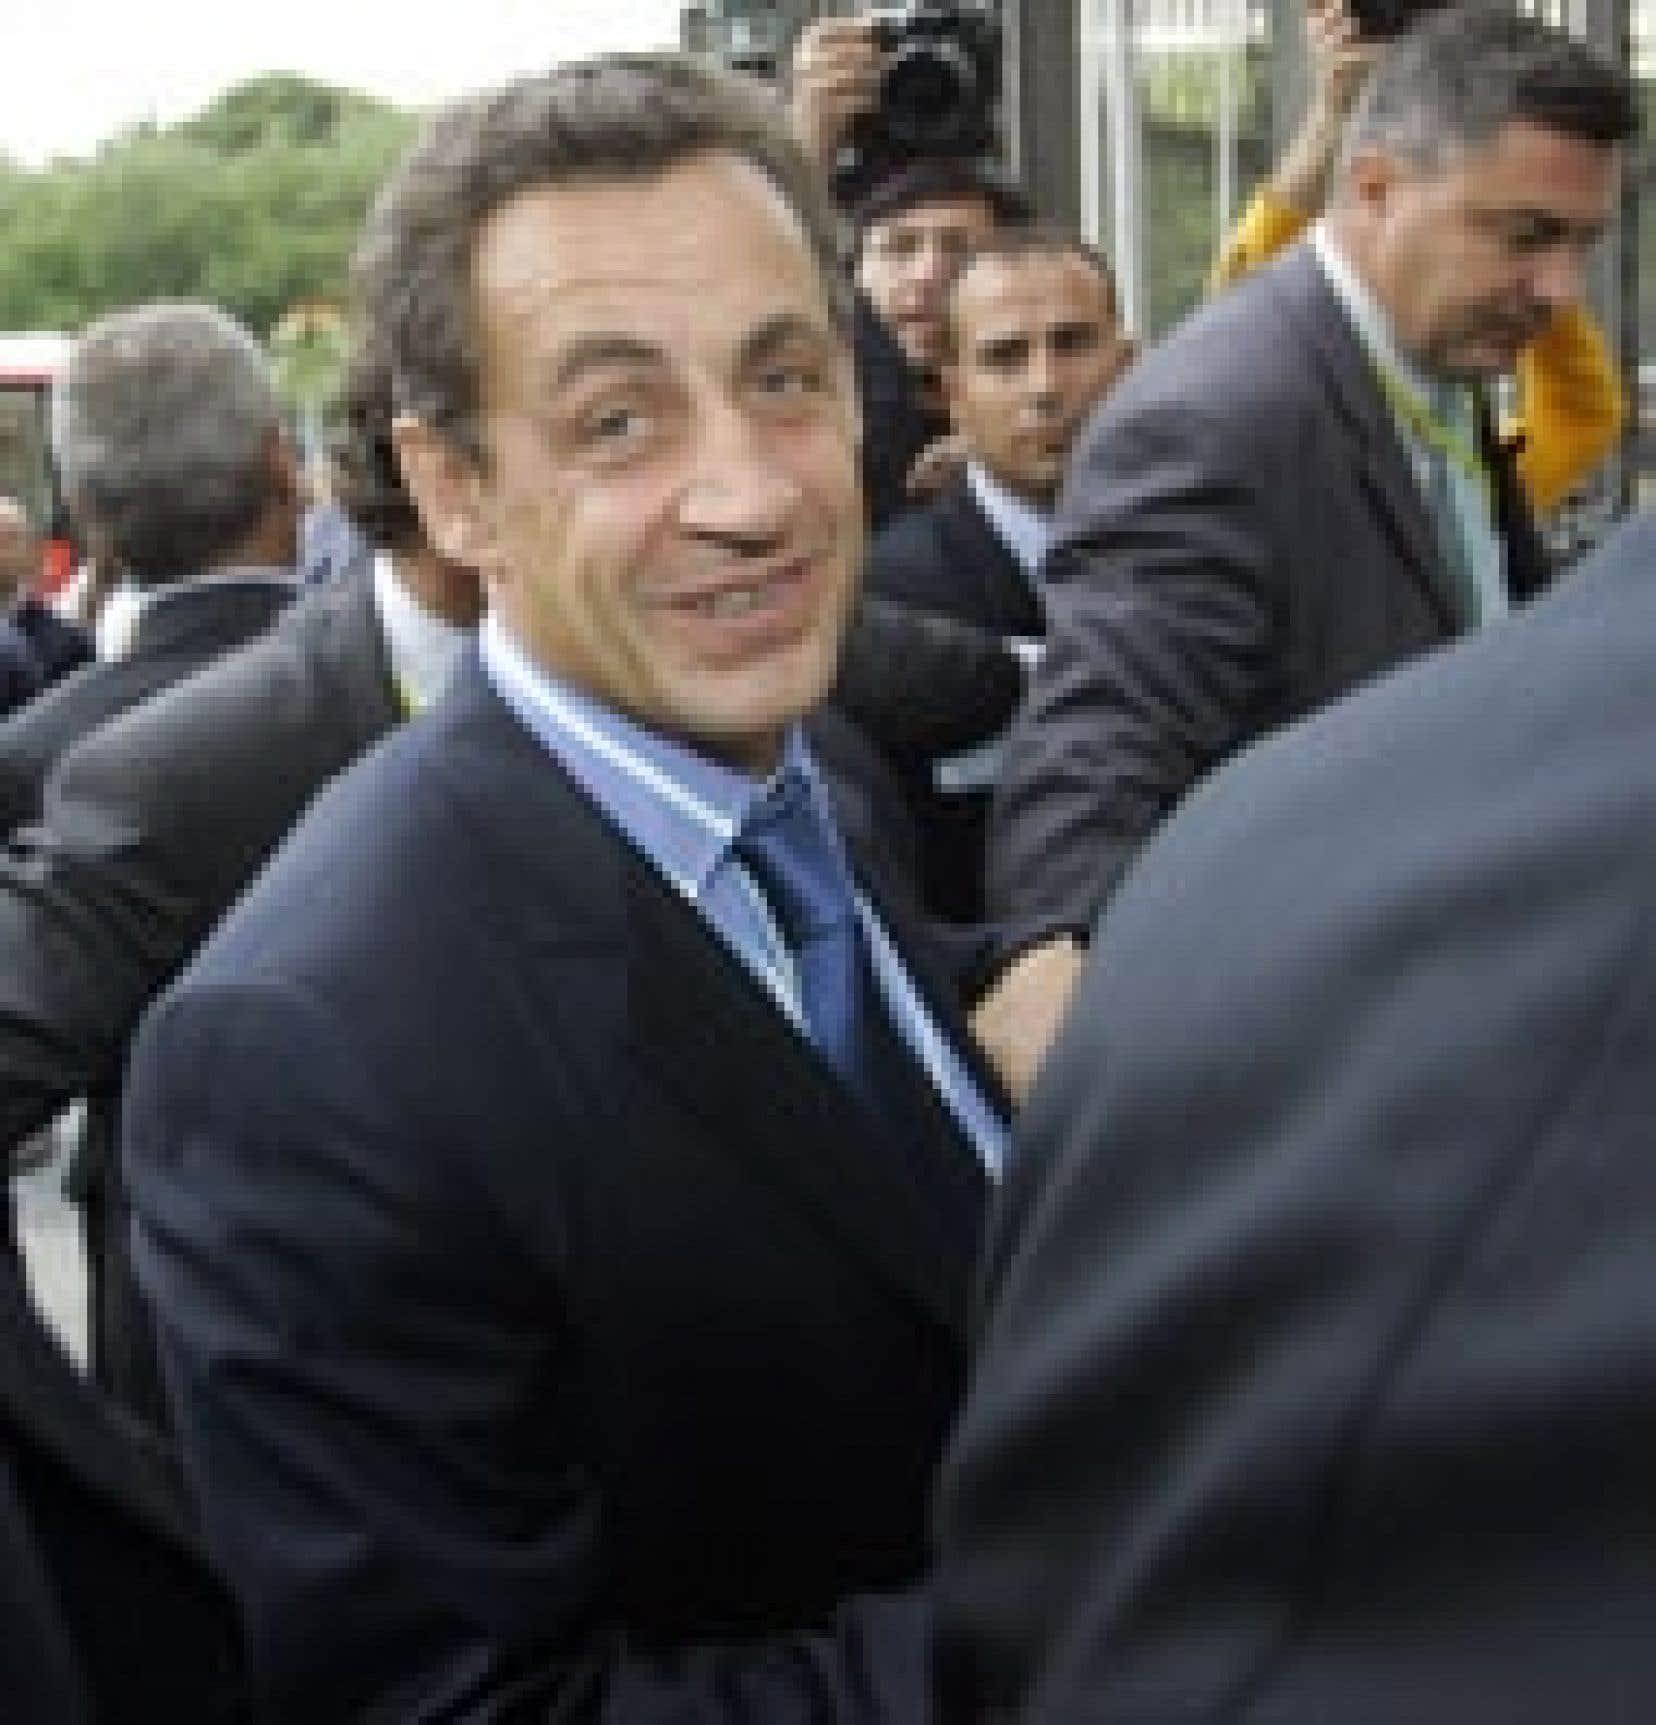 Le ministre français de l'Intérieur, Nicolas Sarkozy, a prôné hier, lors d'une conférence à Madrid, une politique plus ferme à l'égard des immigrants illégaux.